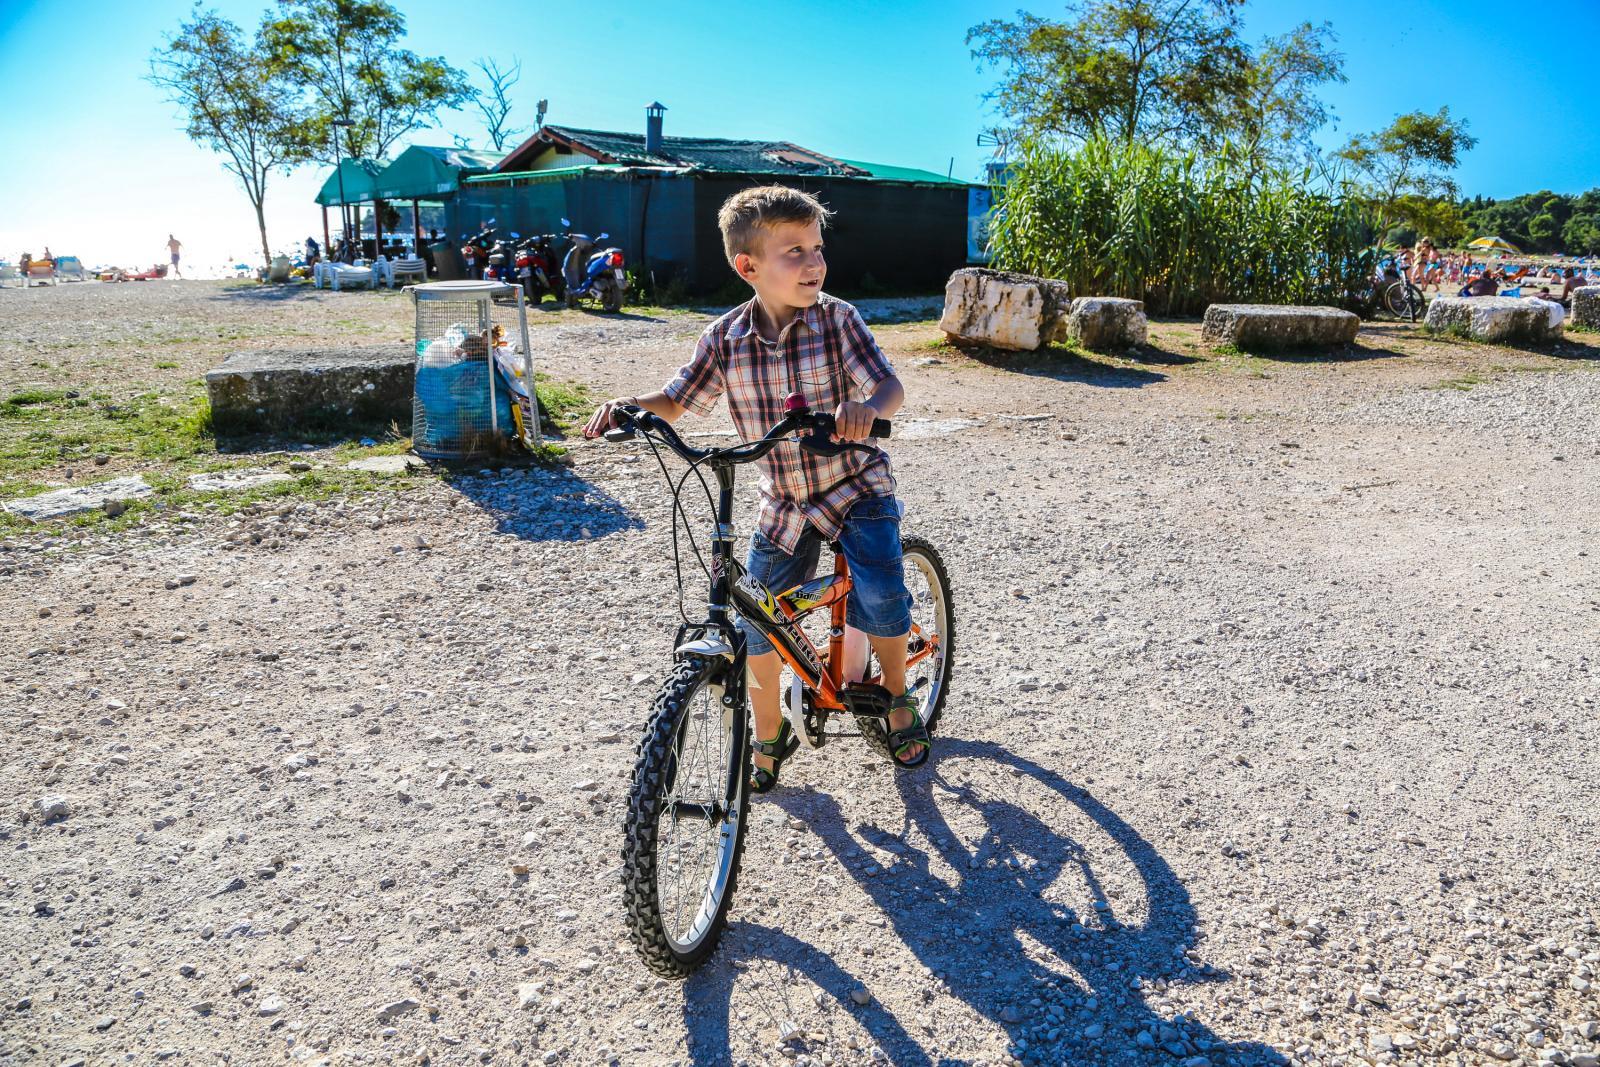 Nicollo je jedna od oko stotinu osoba koje u našoj zemlji boluju od ove nasljedne bolesti. No njemu je tek sedam godina i nije jedino dijete s tom dijagnozom...